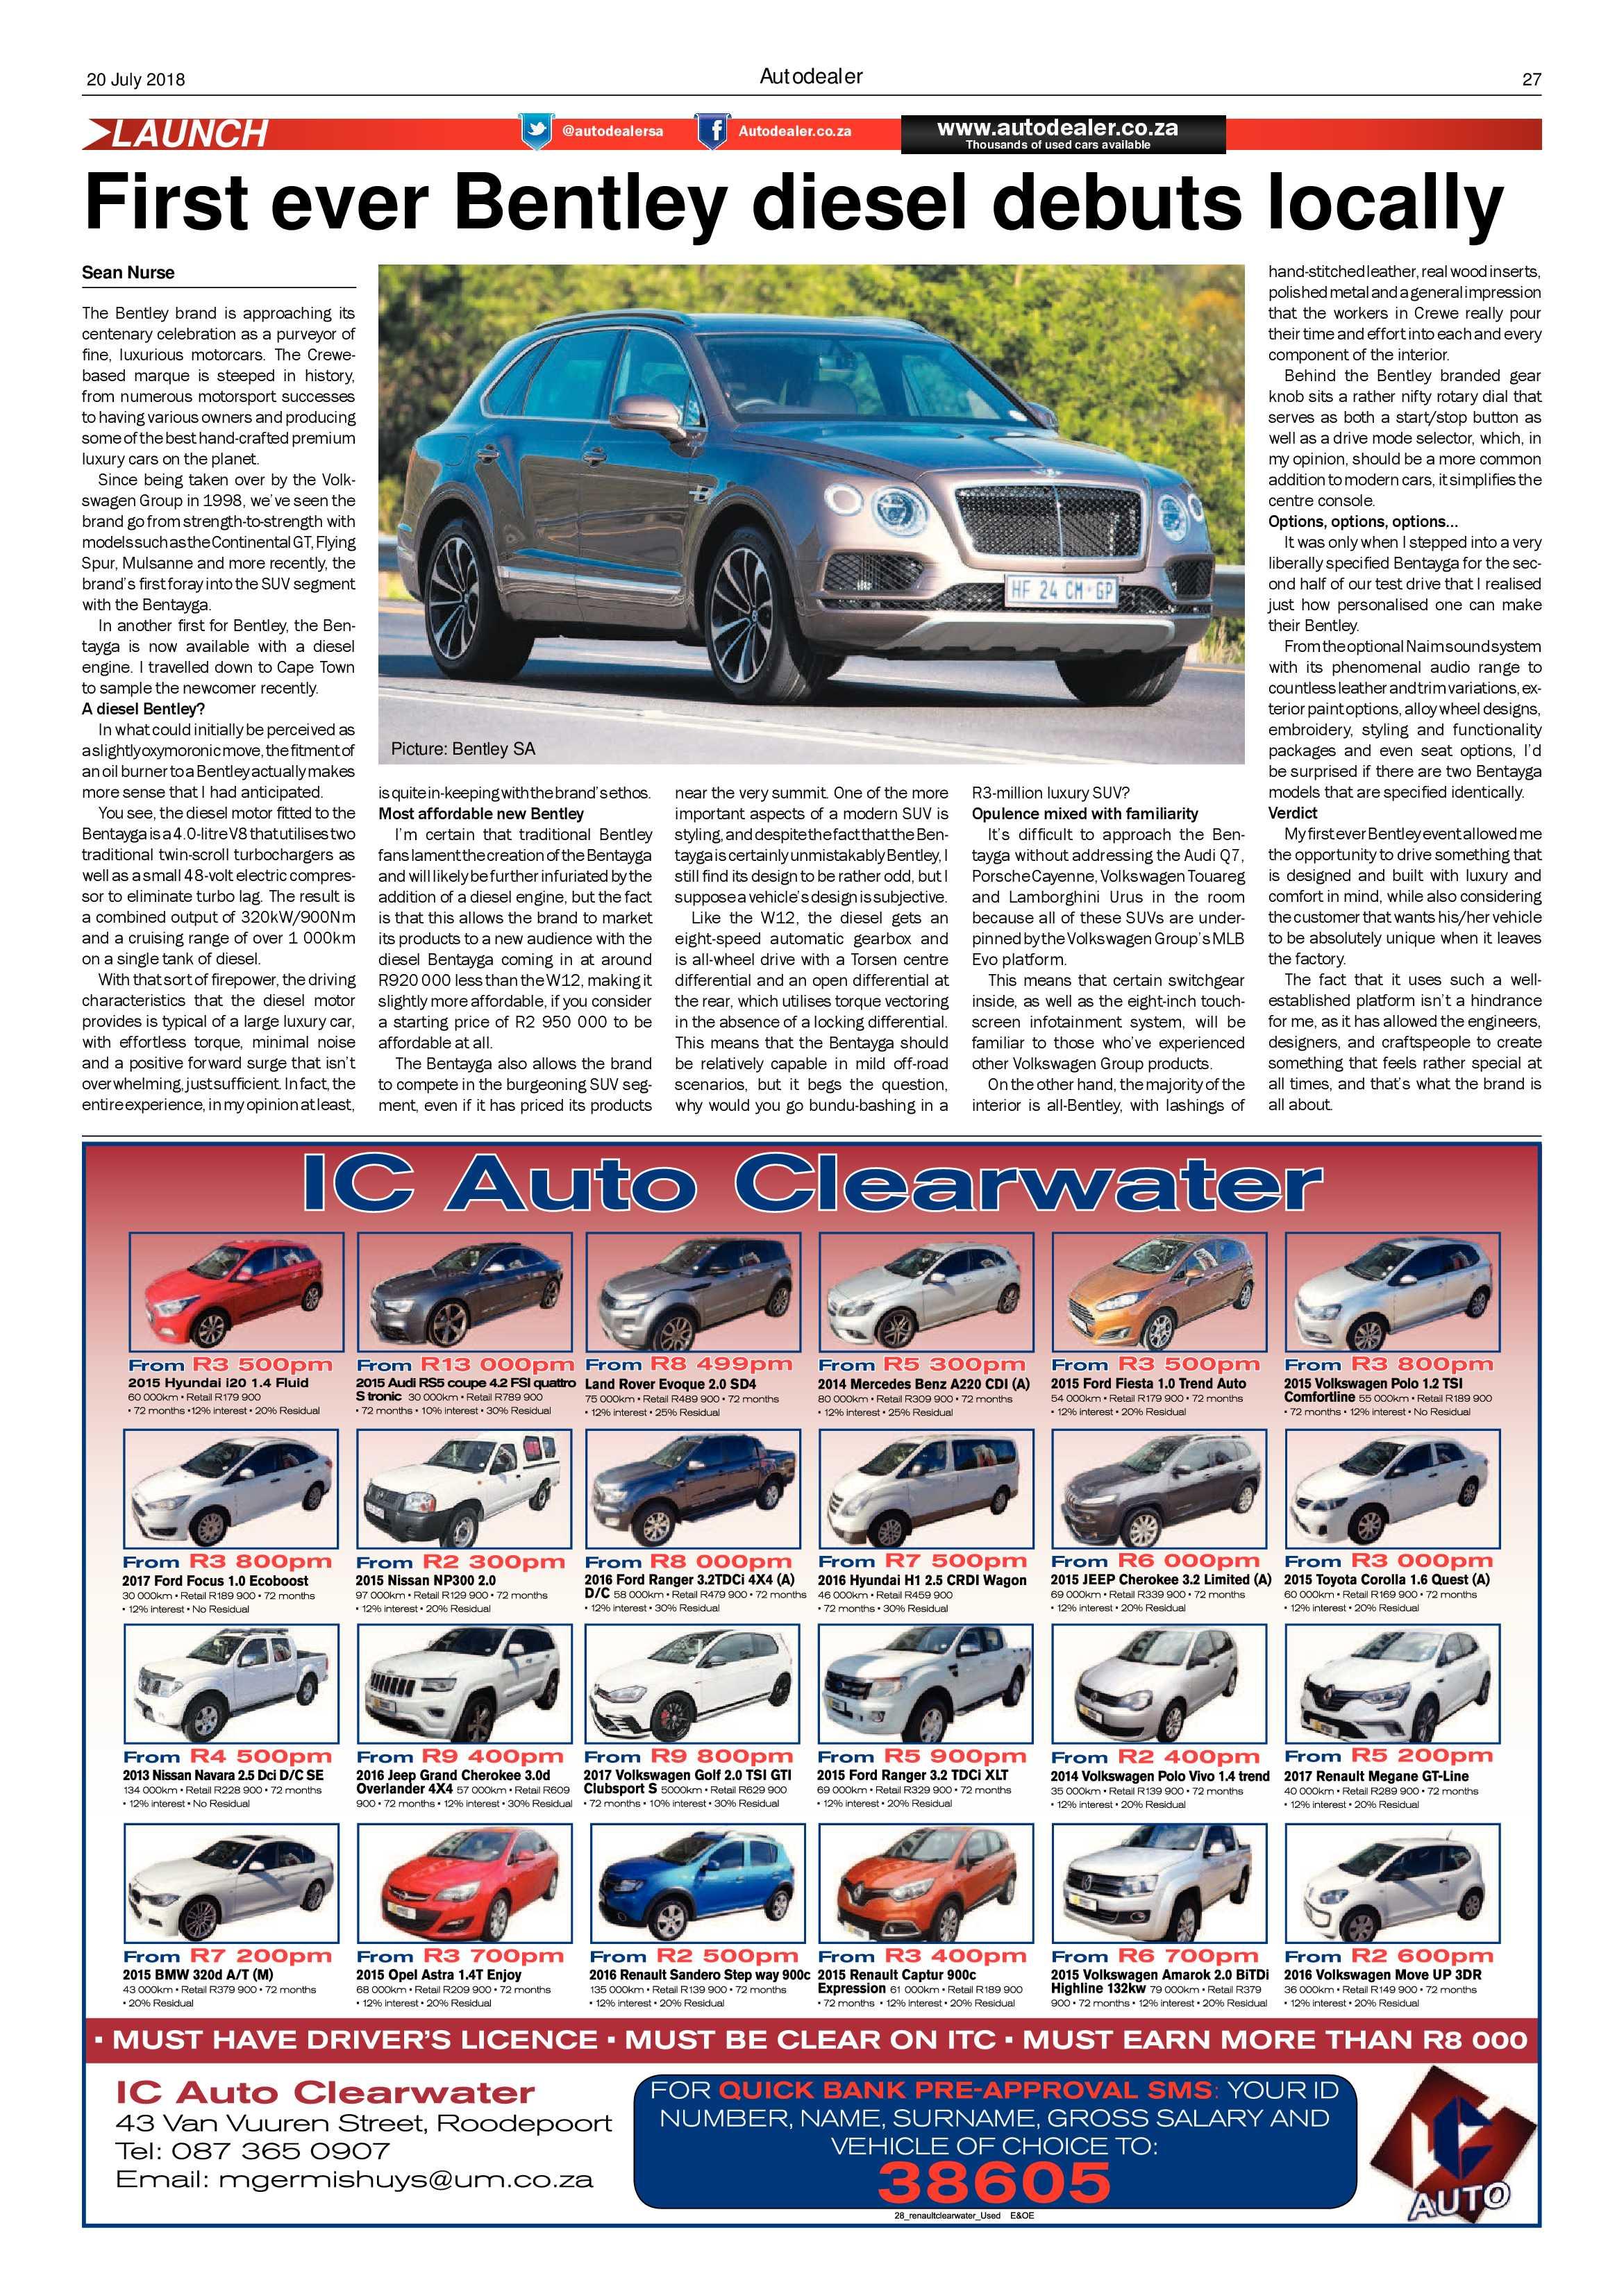 Krugersdorp News 20 July 2018